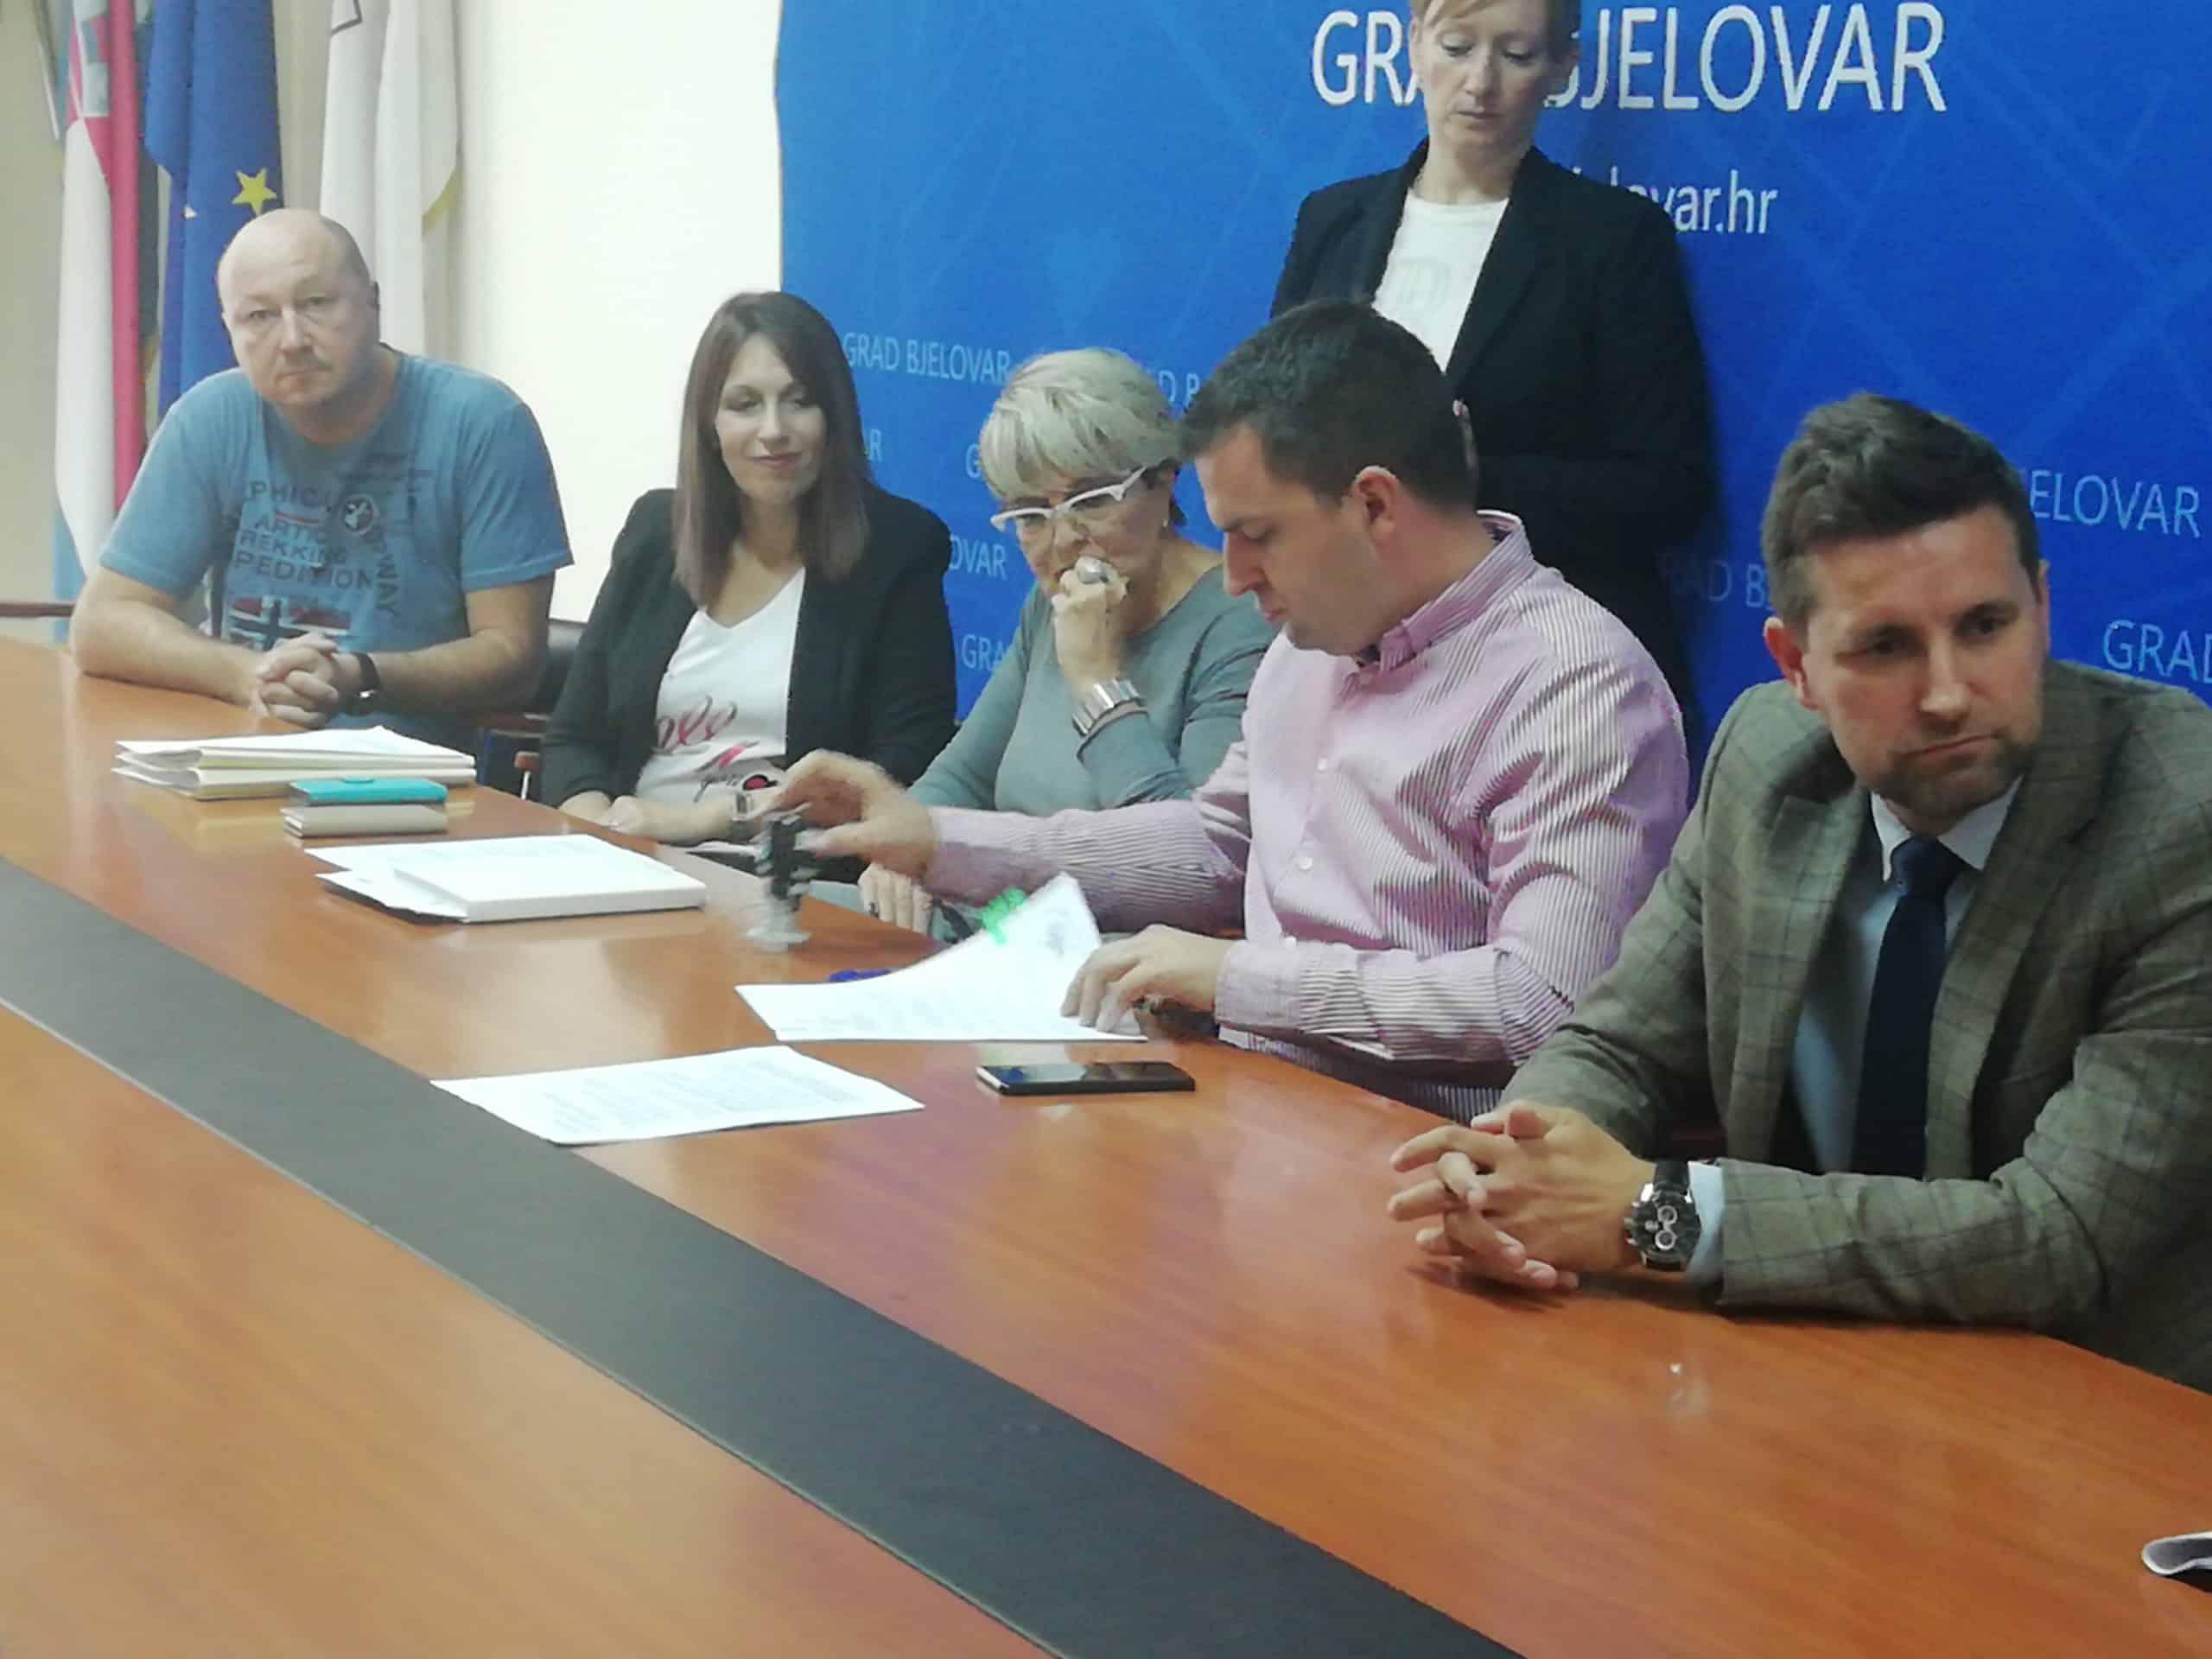 BJELOVARSKI PODUZETNIK Potpisani ugovori s dvije nove tvrtke